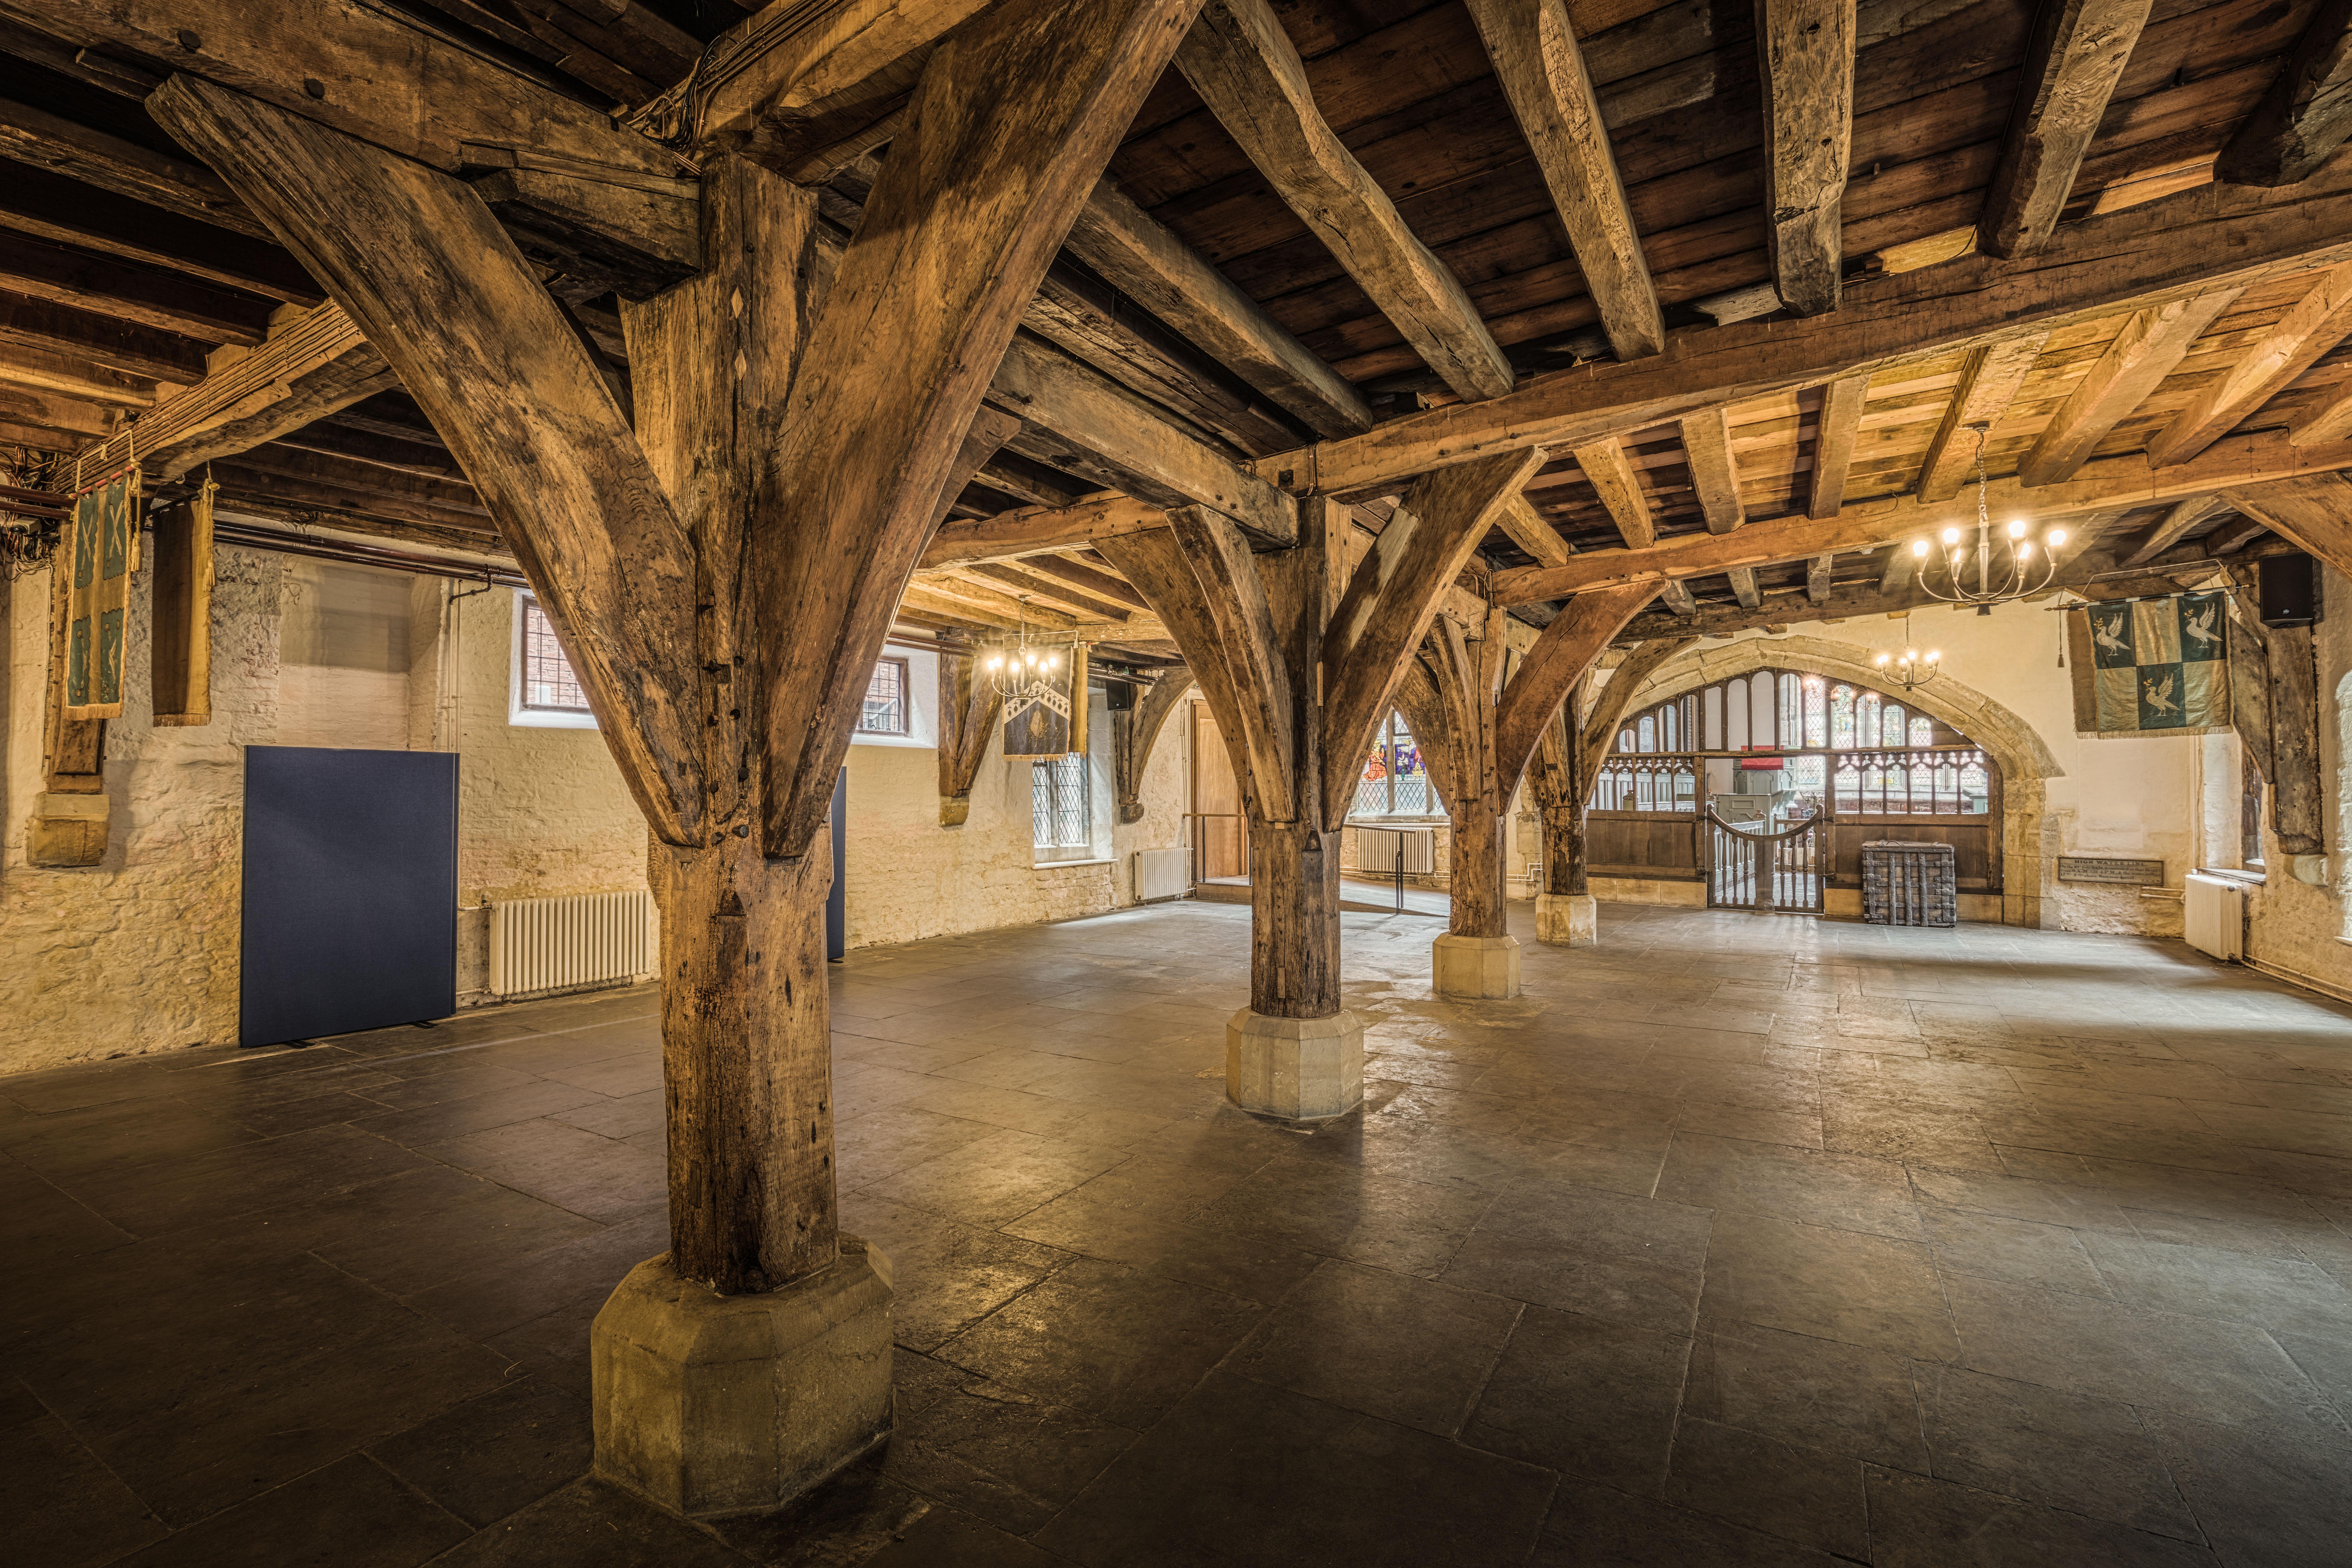 gratis afbeeldingen architectuur hout interieur gebouw oud boog museum hal mijlpaal historisch engeland yorkshire binnen cool beeld